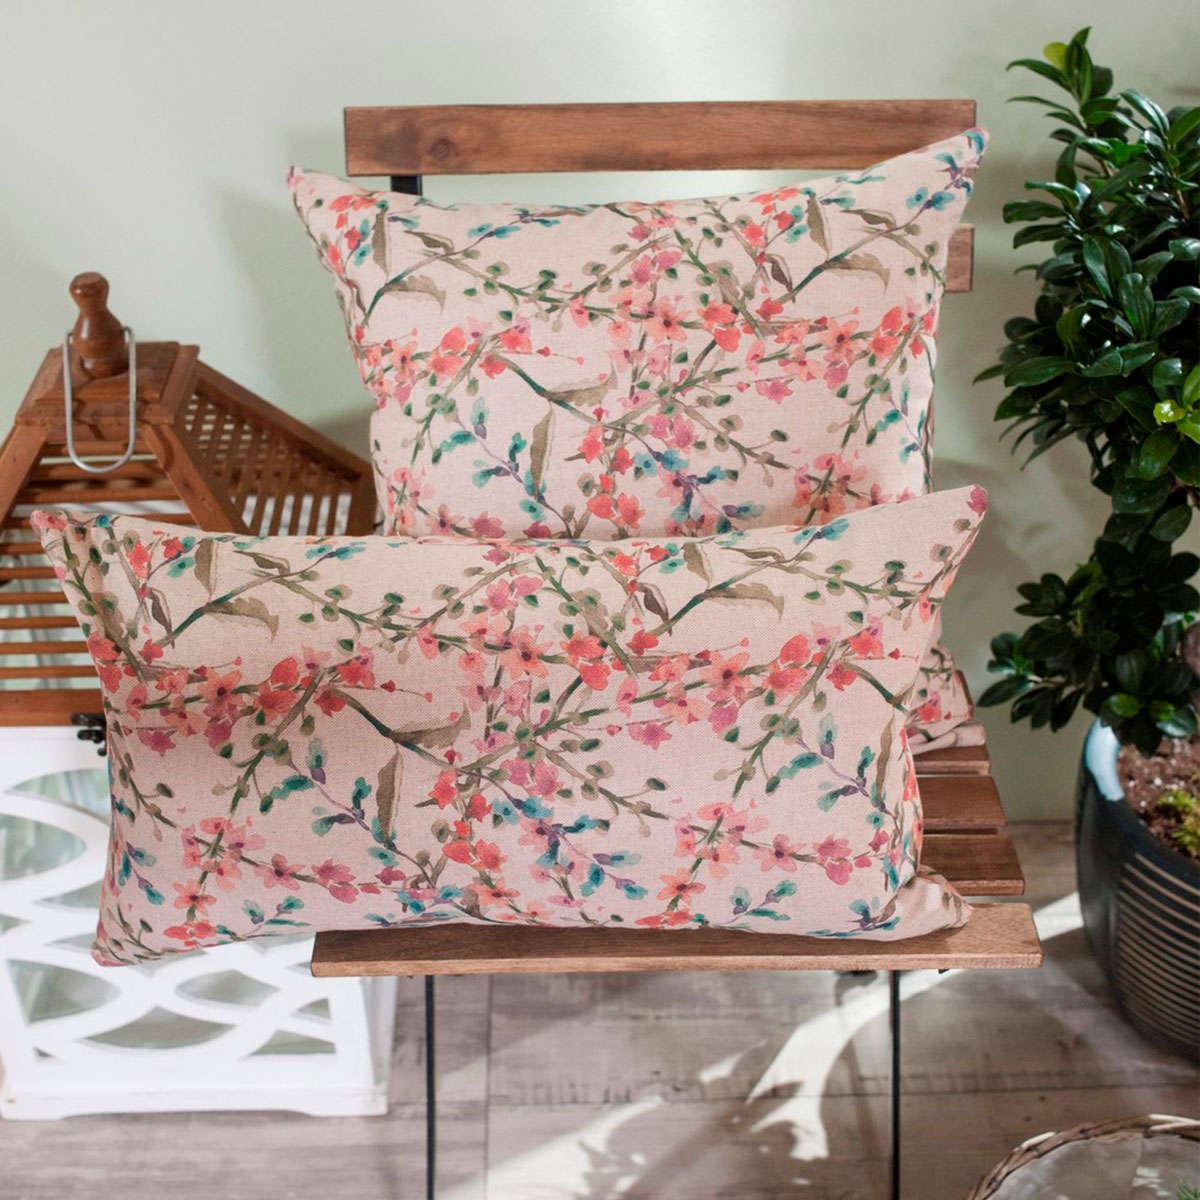 Μαξιλαροθήκη Διακοσμητική Rimini Teoran 30Χ50 Βαμβάκι-Polyester